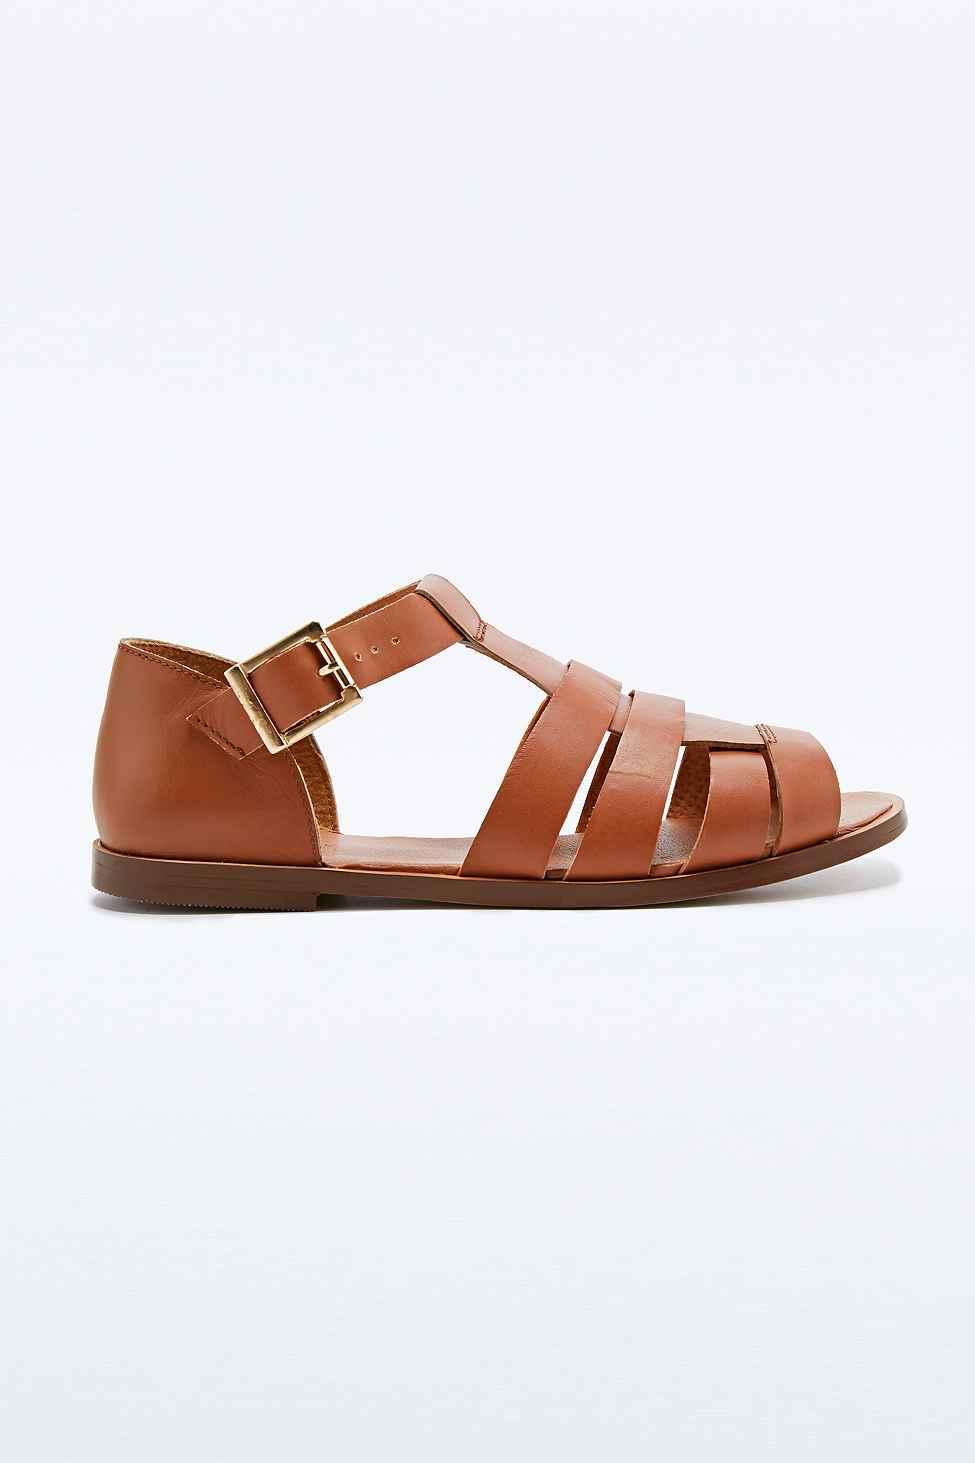 Deena \u0026 Ozzy Leather Joni T-Bar Sandals